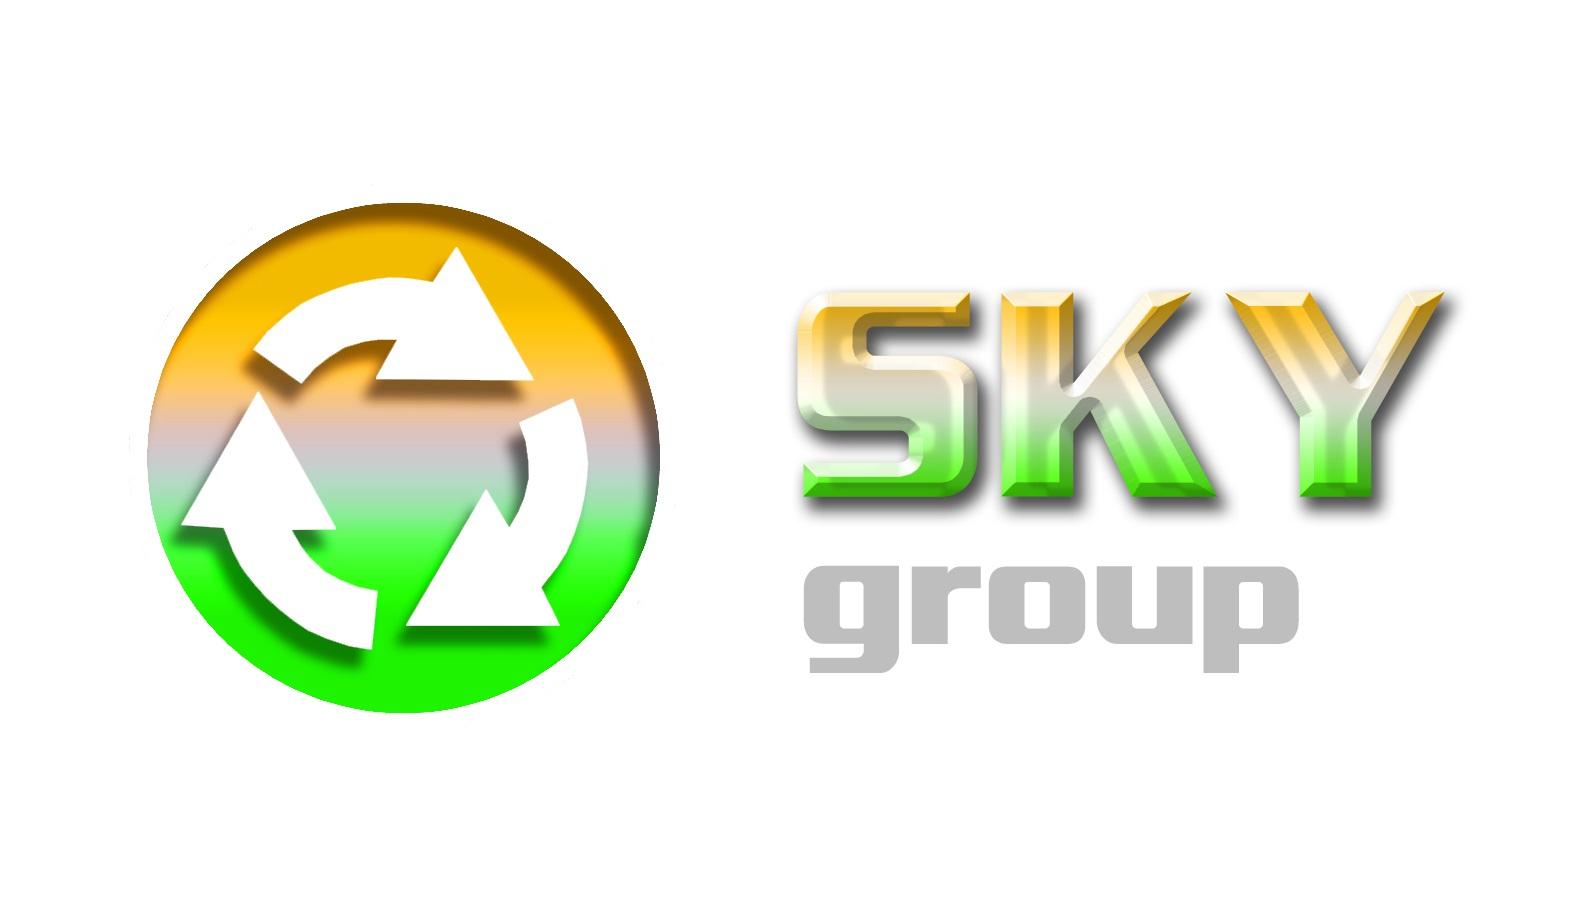 Новый логотип для производственной компании фото f_8175a841f8f5be64.jpg